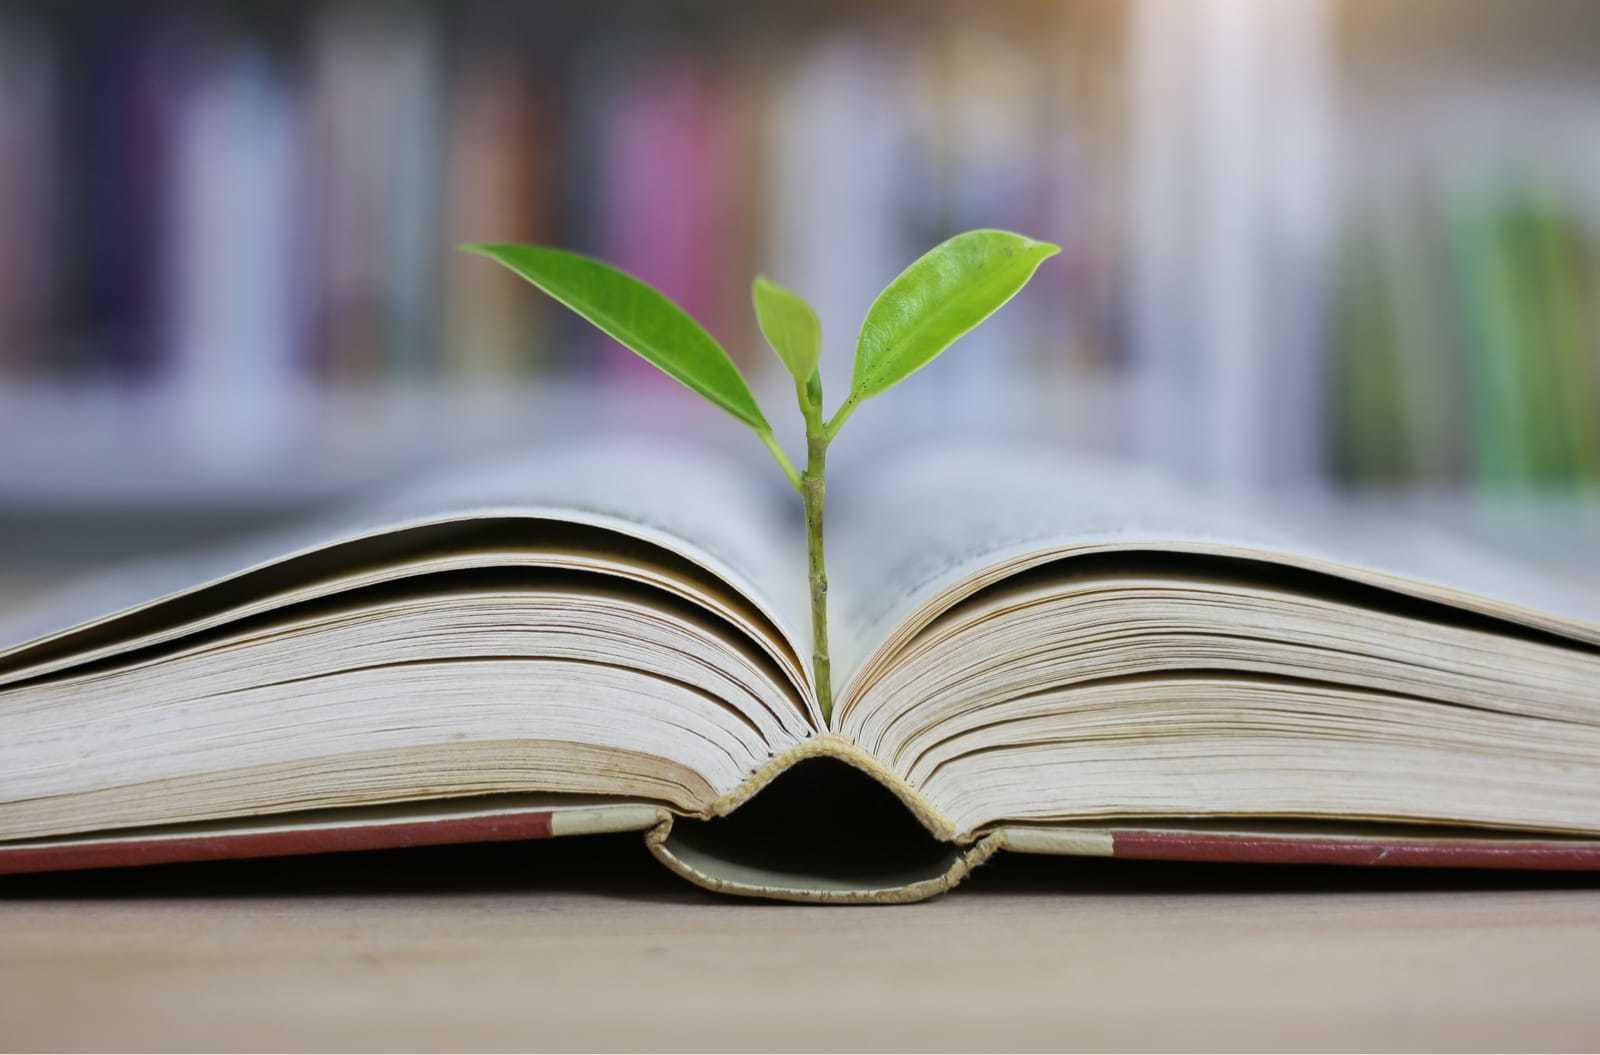 本から植物が生える